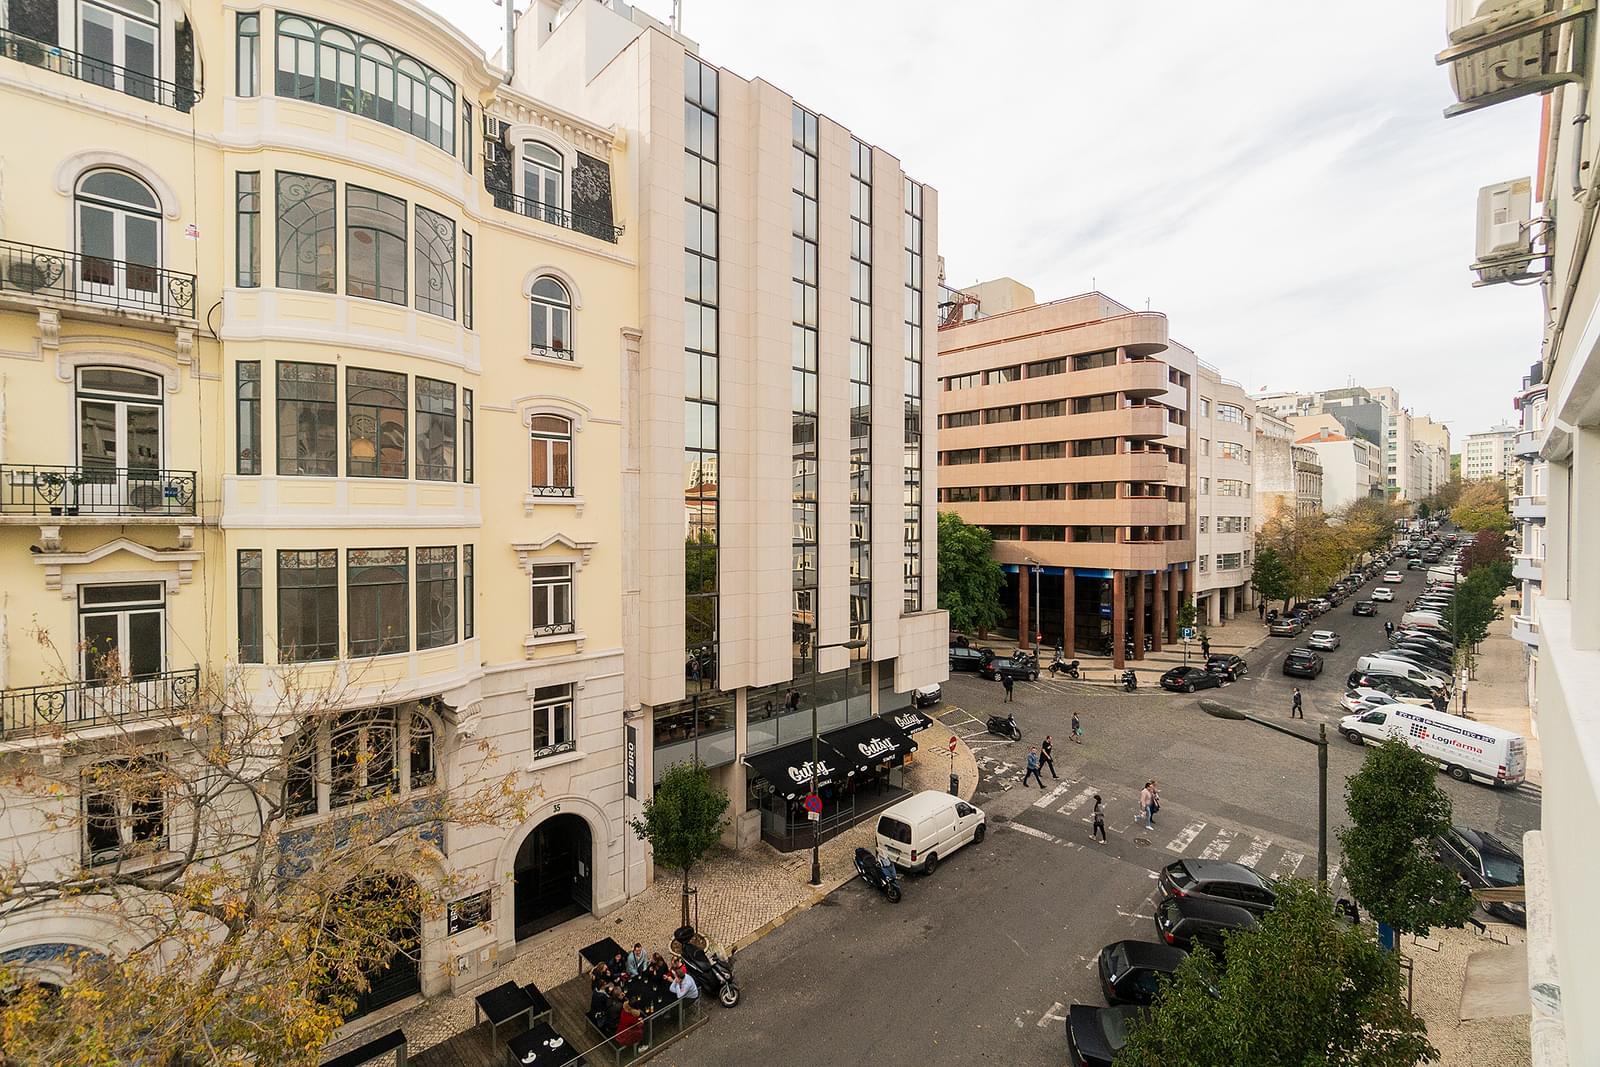 pf18665-apartamento-t3-2-lisboa-f64e601f-0737-4bf7-b8d1-bf3602fb7db2